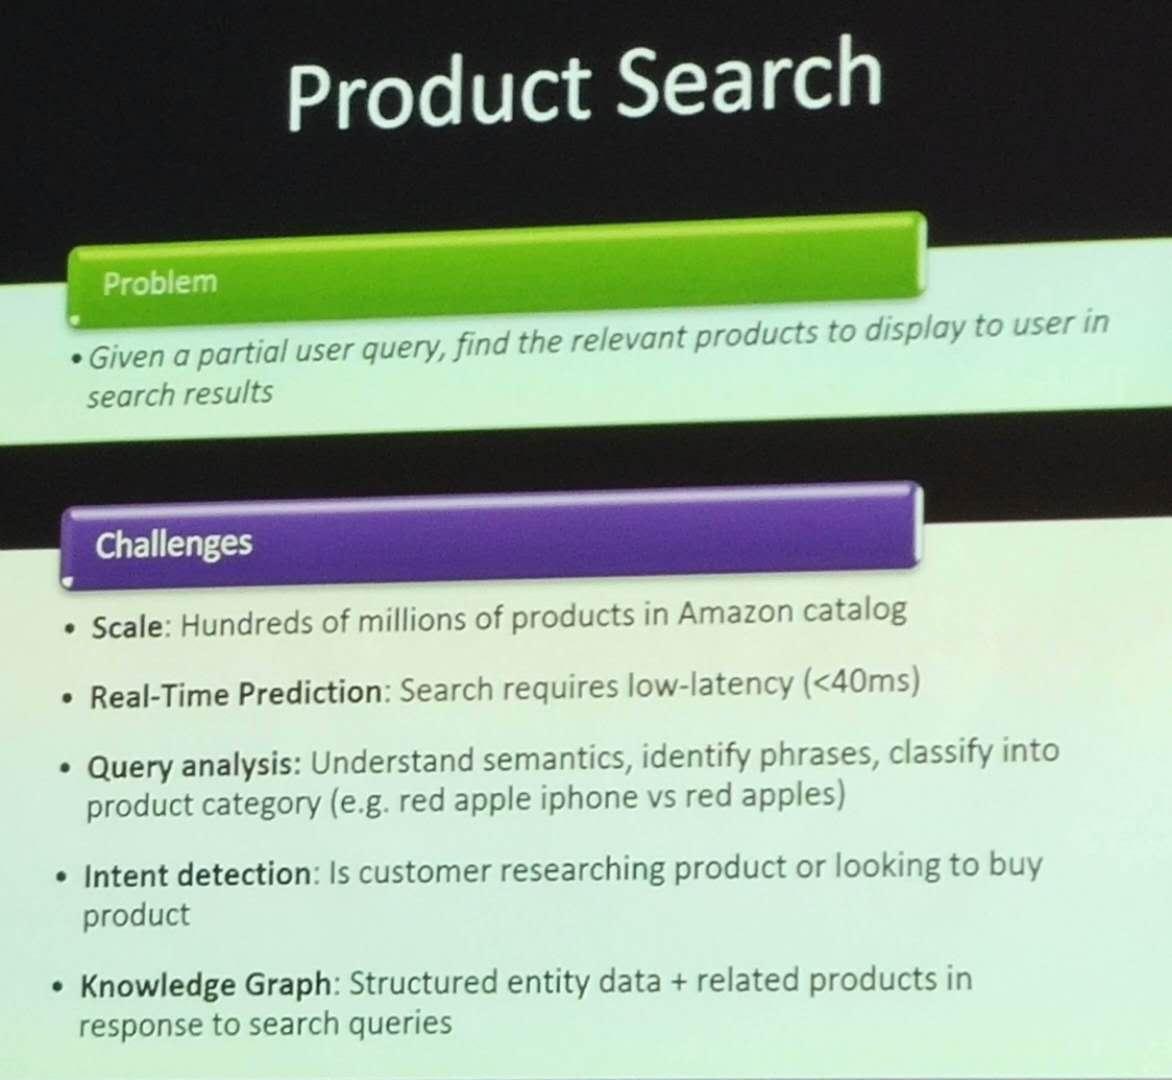 pakdd amazon product search